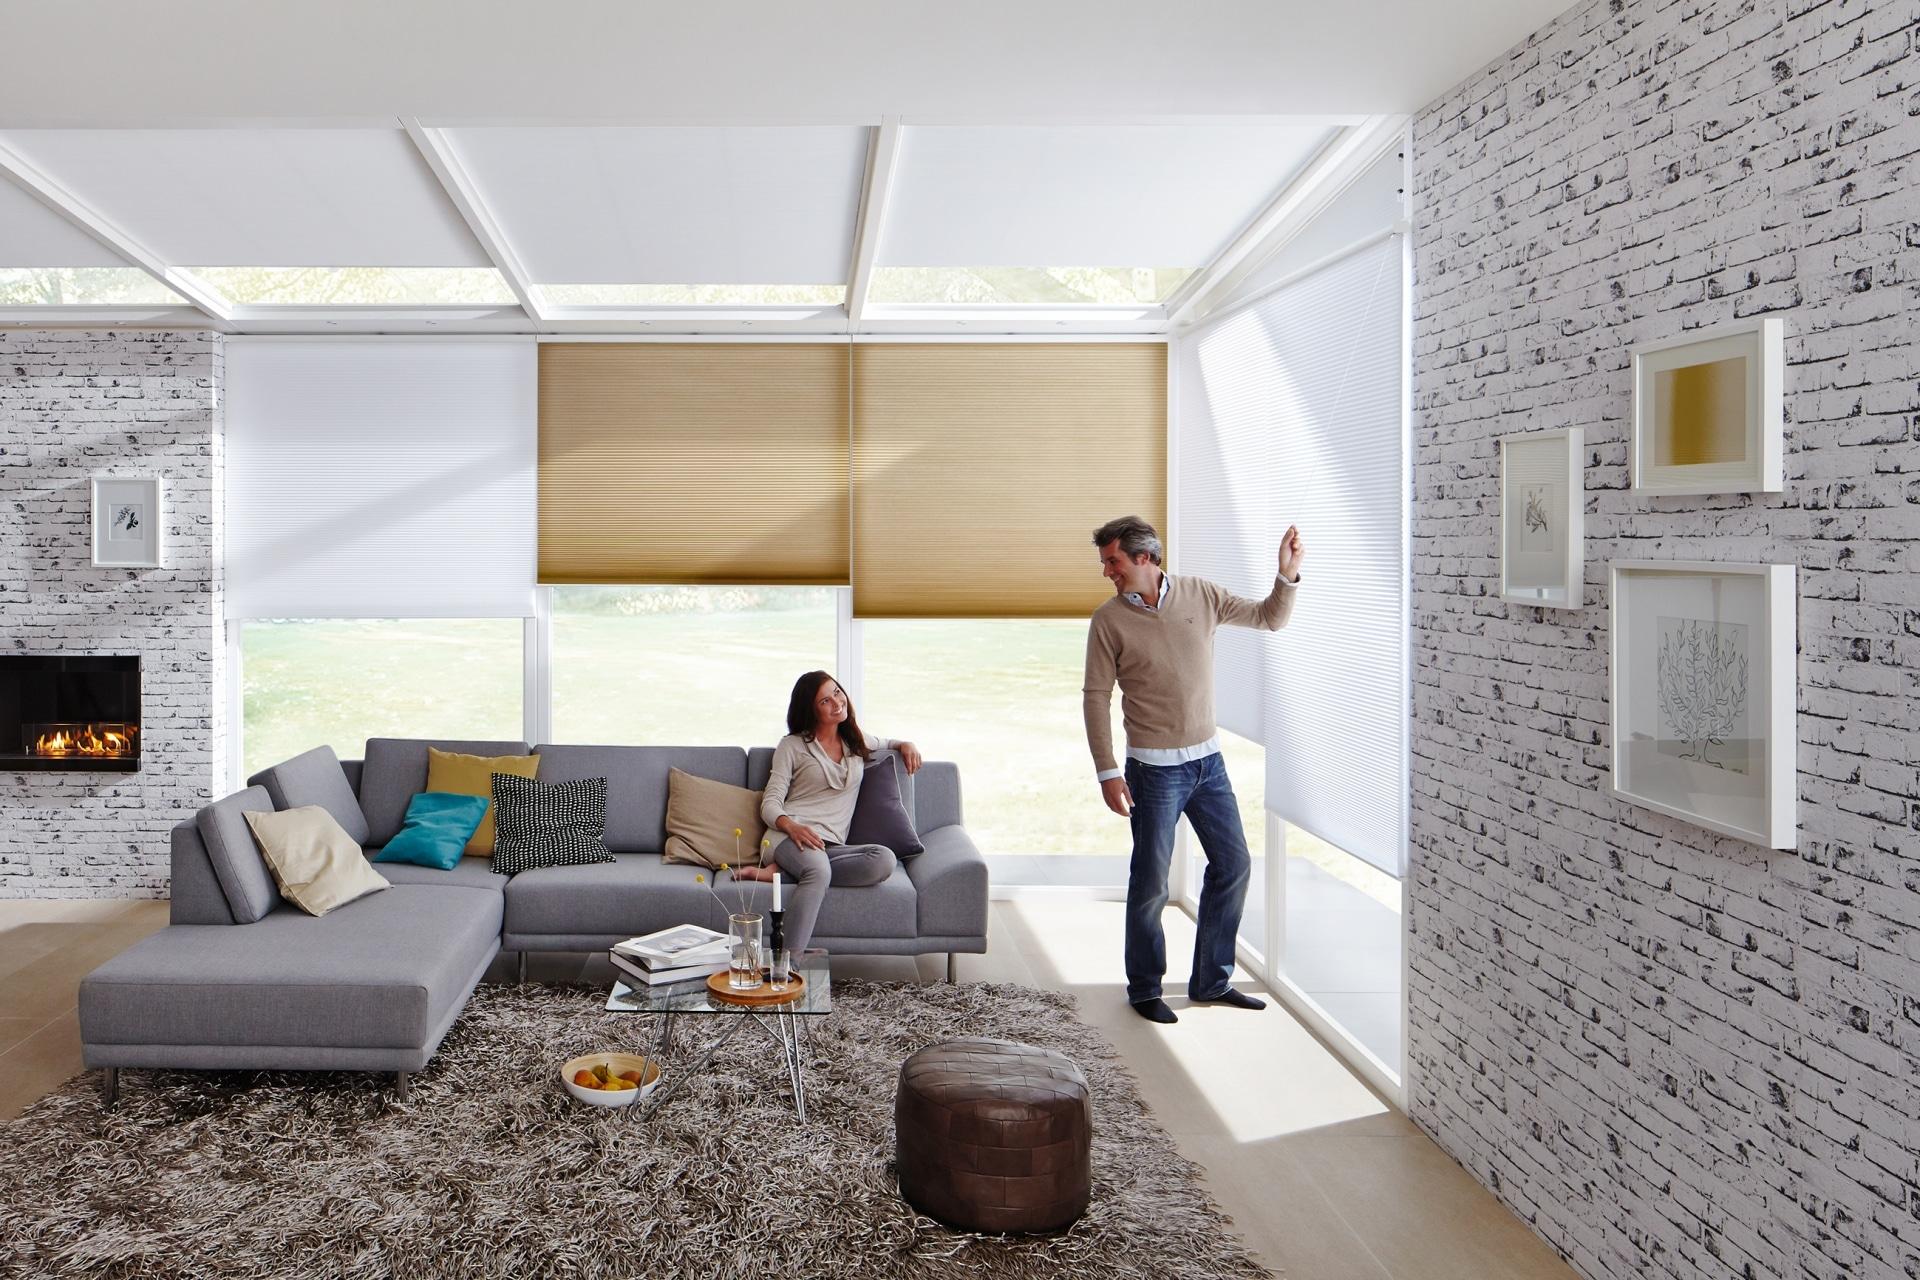 stehender Mann und sitzende Frau im Wohnzimmer